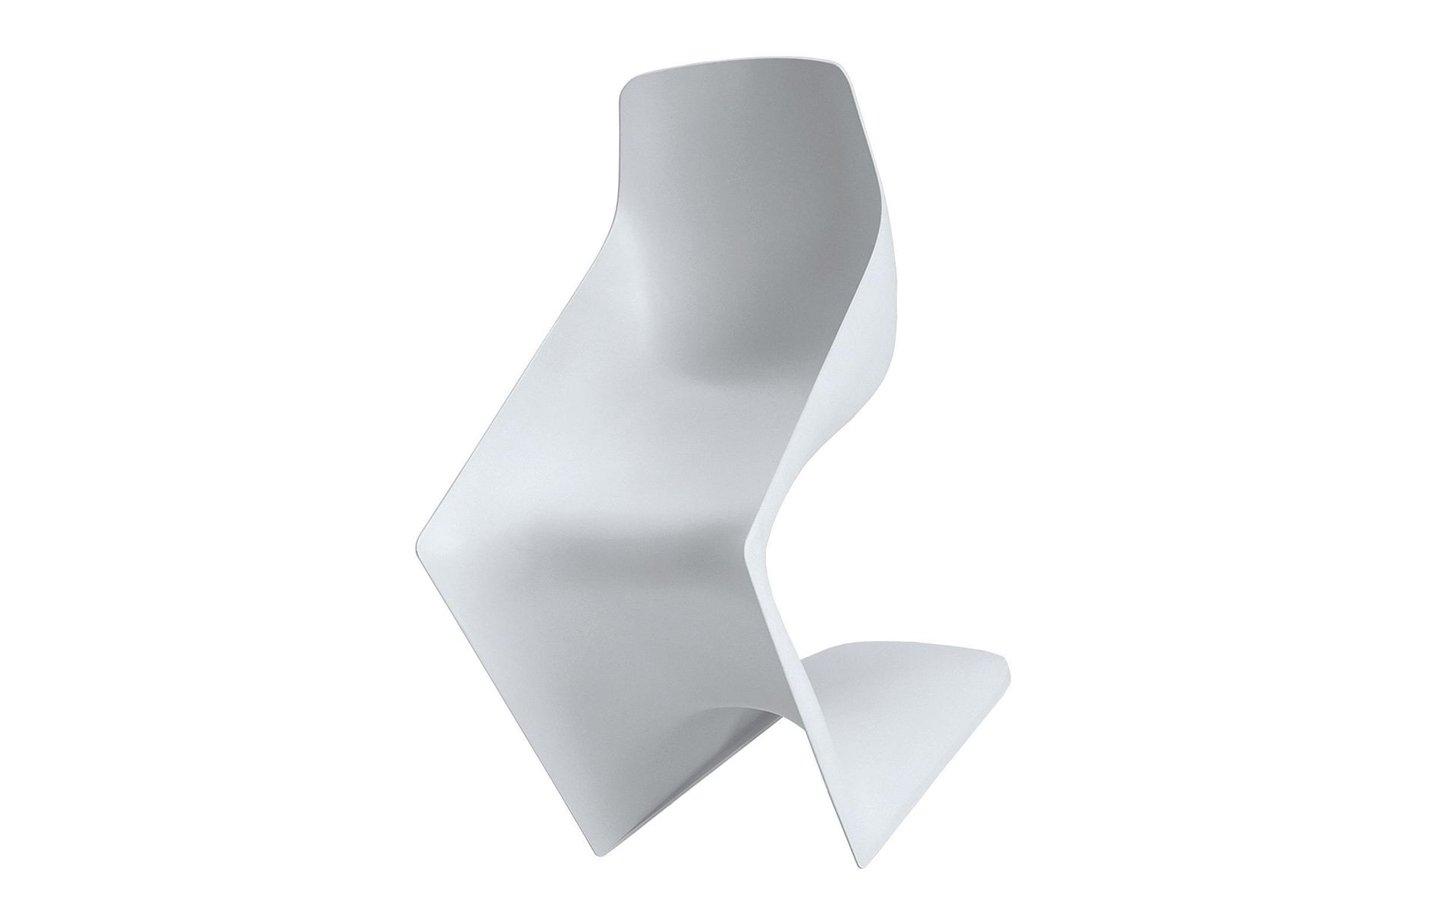 Pulp chair – White